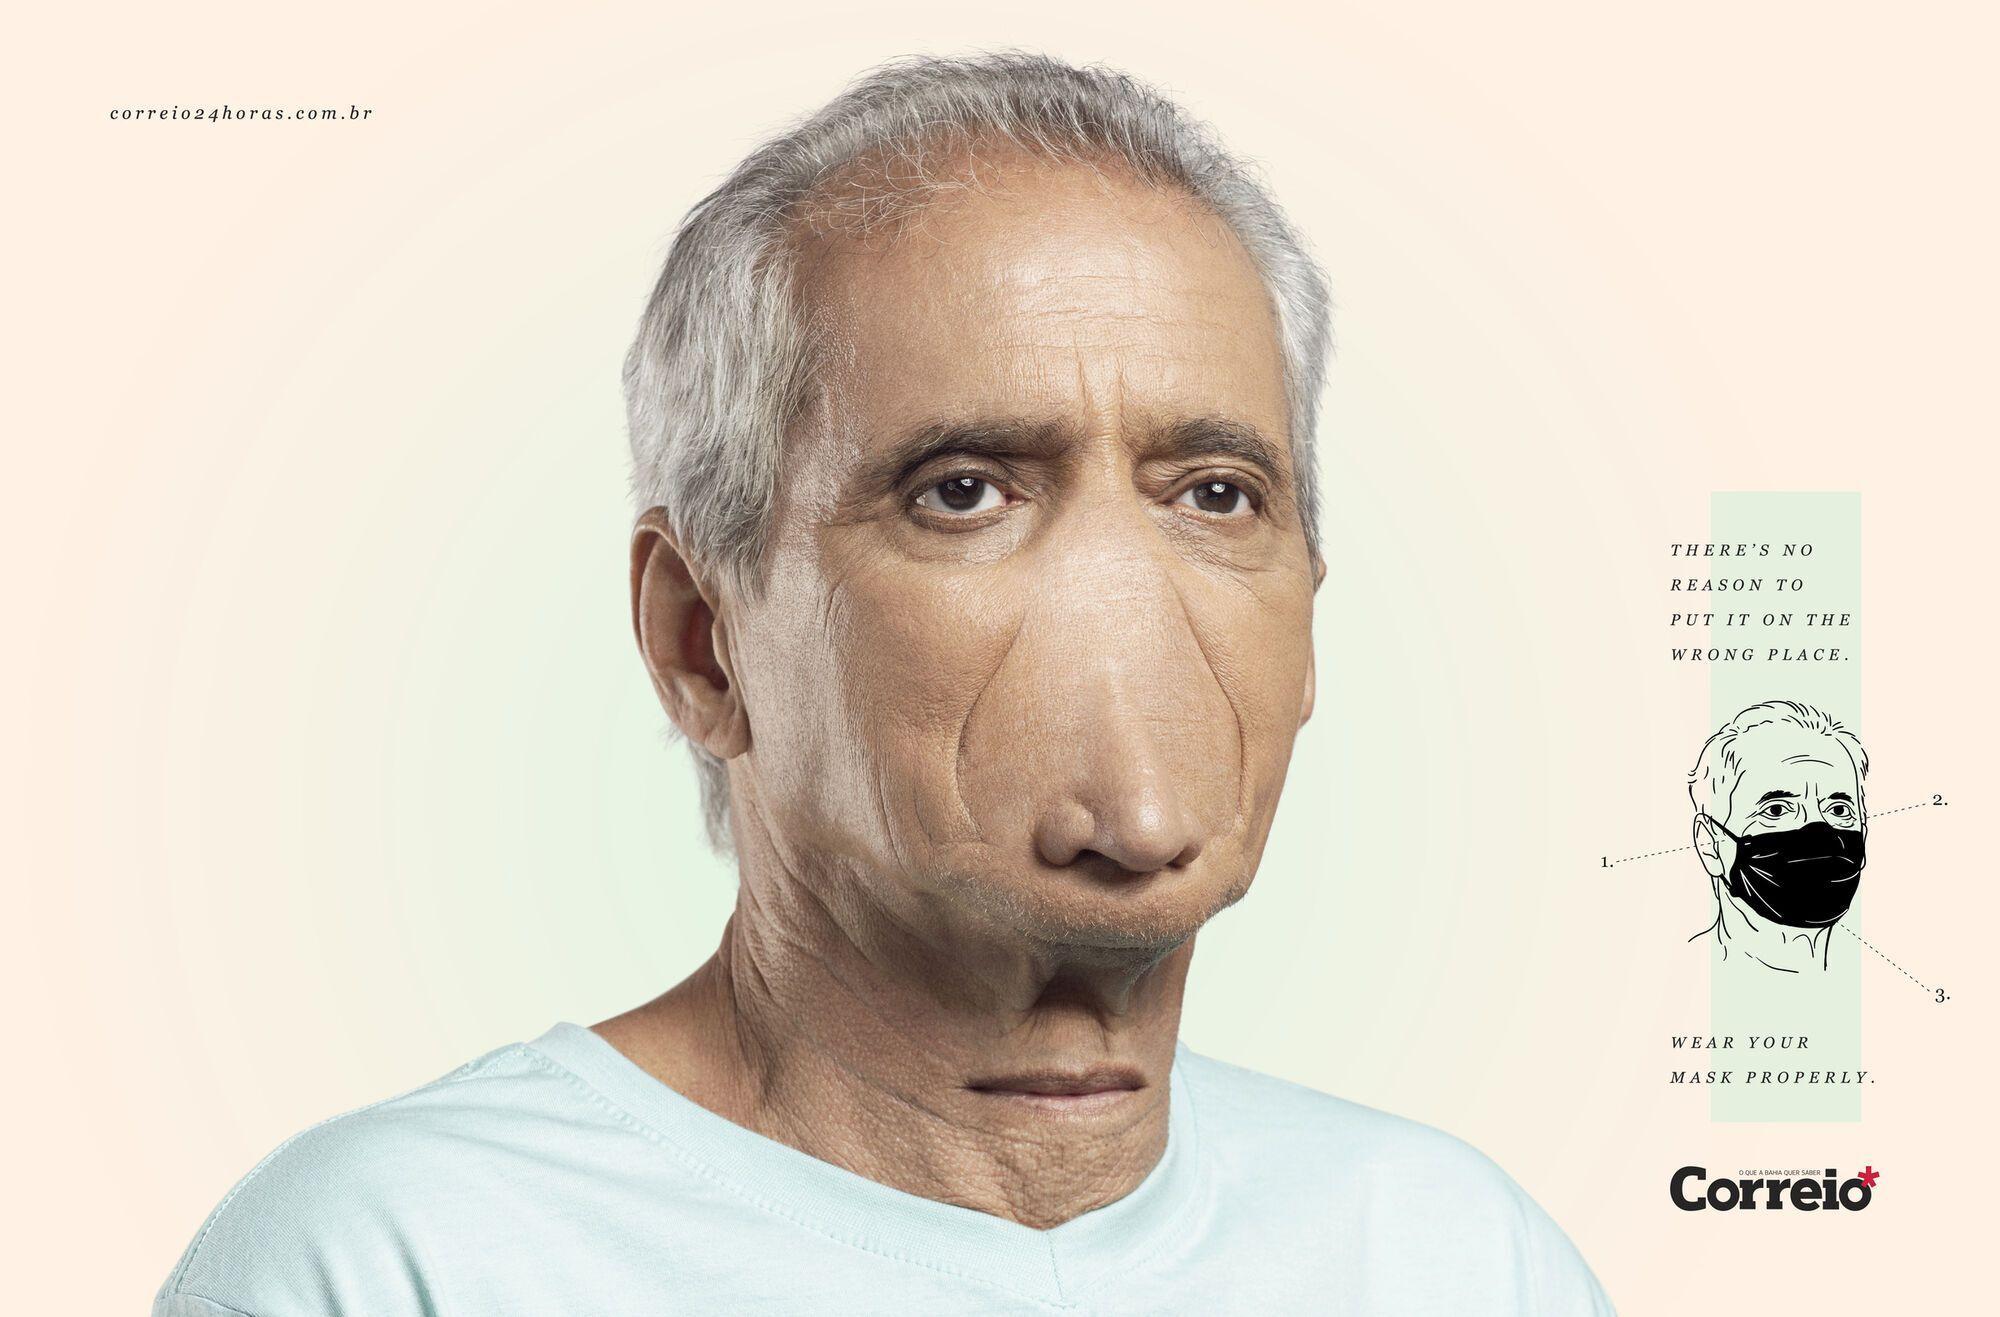 Как должны выглядеть люди, которые носят маску на подбородке